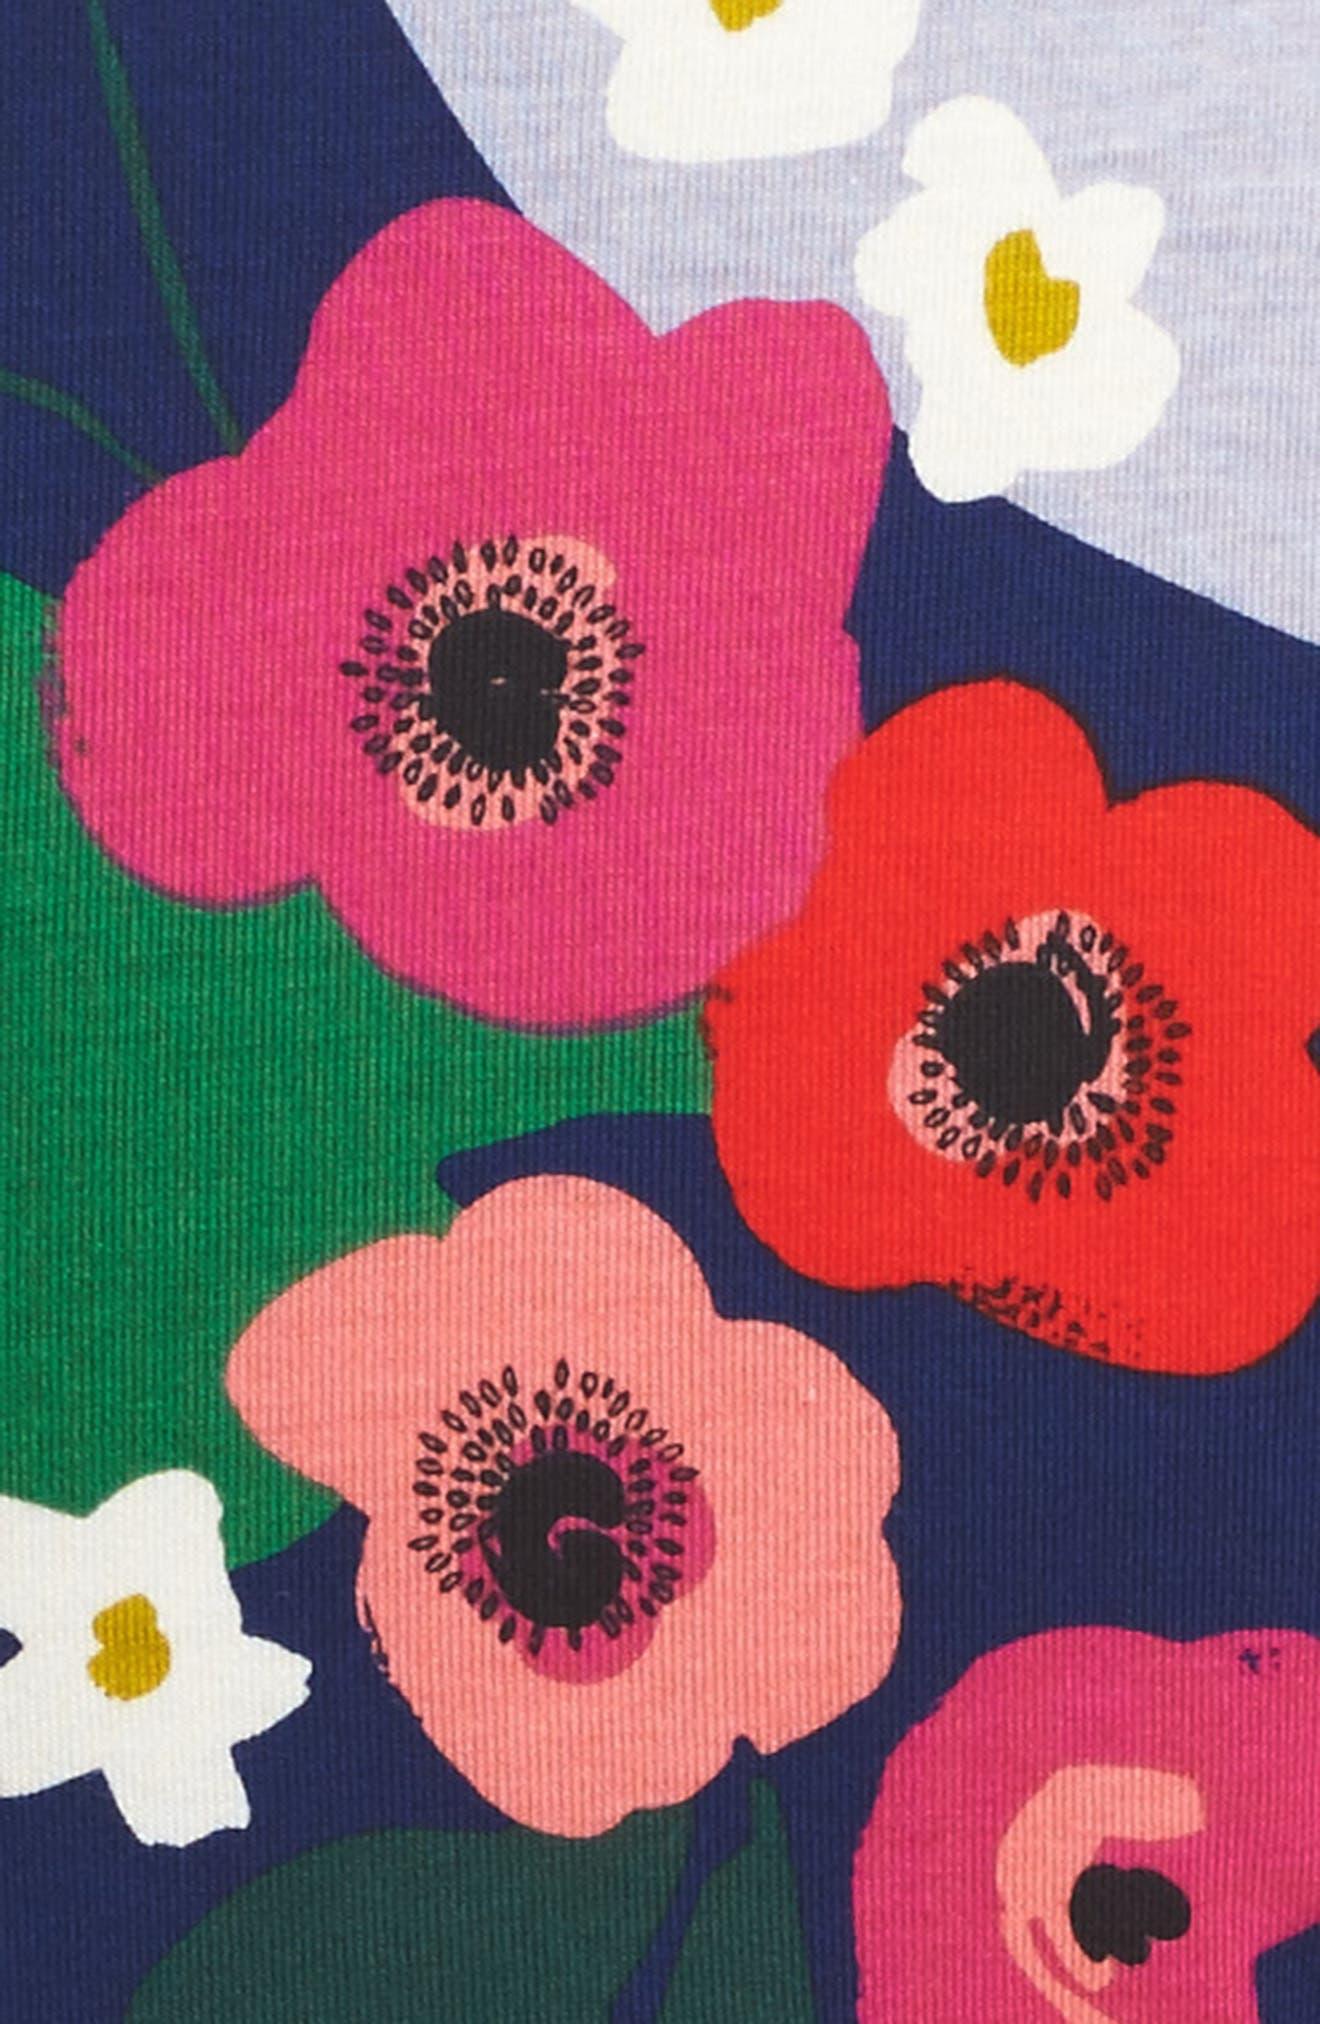 Scotland Garden Wrap Neck Dress,                             Alternate thumbnail 3, color,                             440